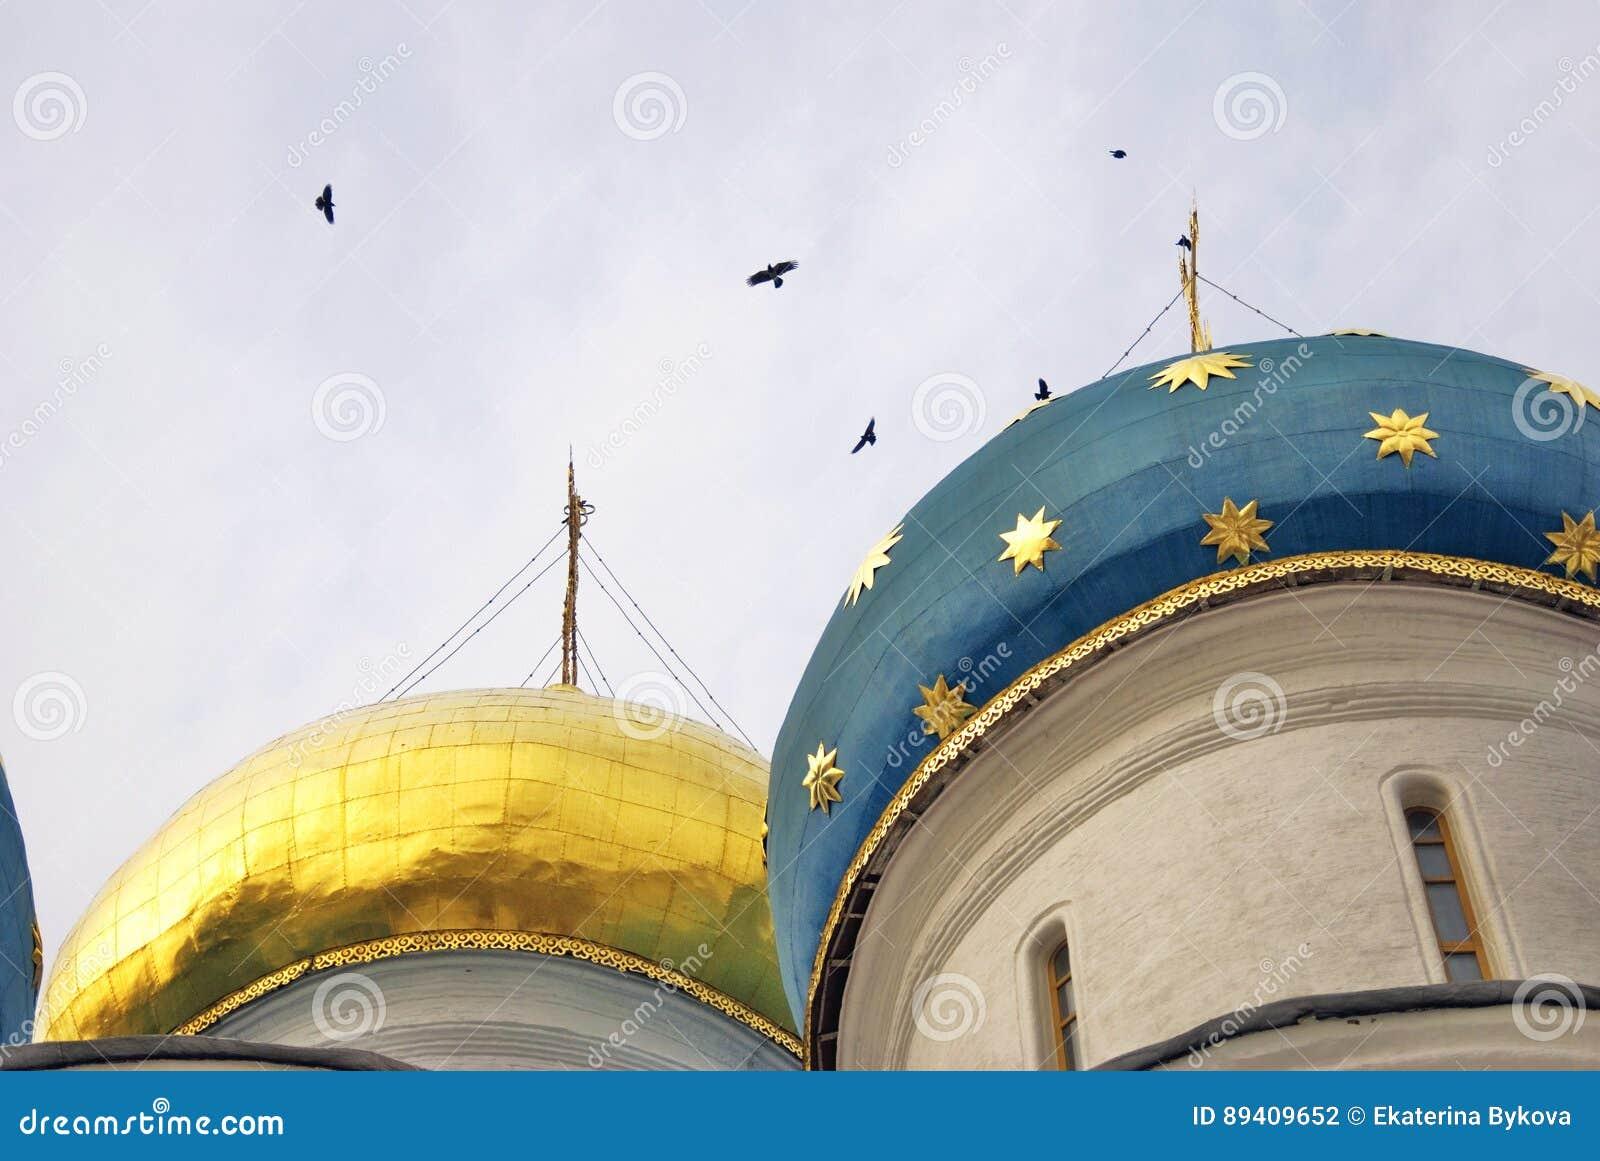 Igreja de Dormition da trindade Sergius Lavra Os pássaros voam em torno das cúpulas